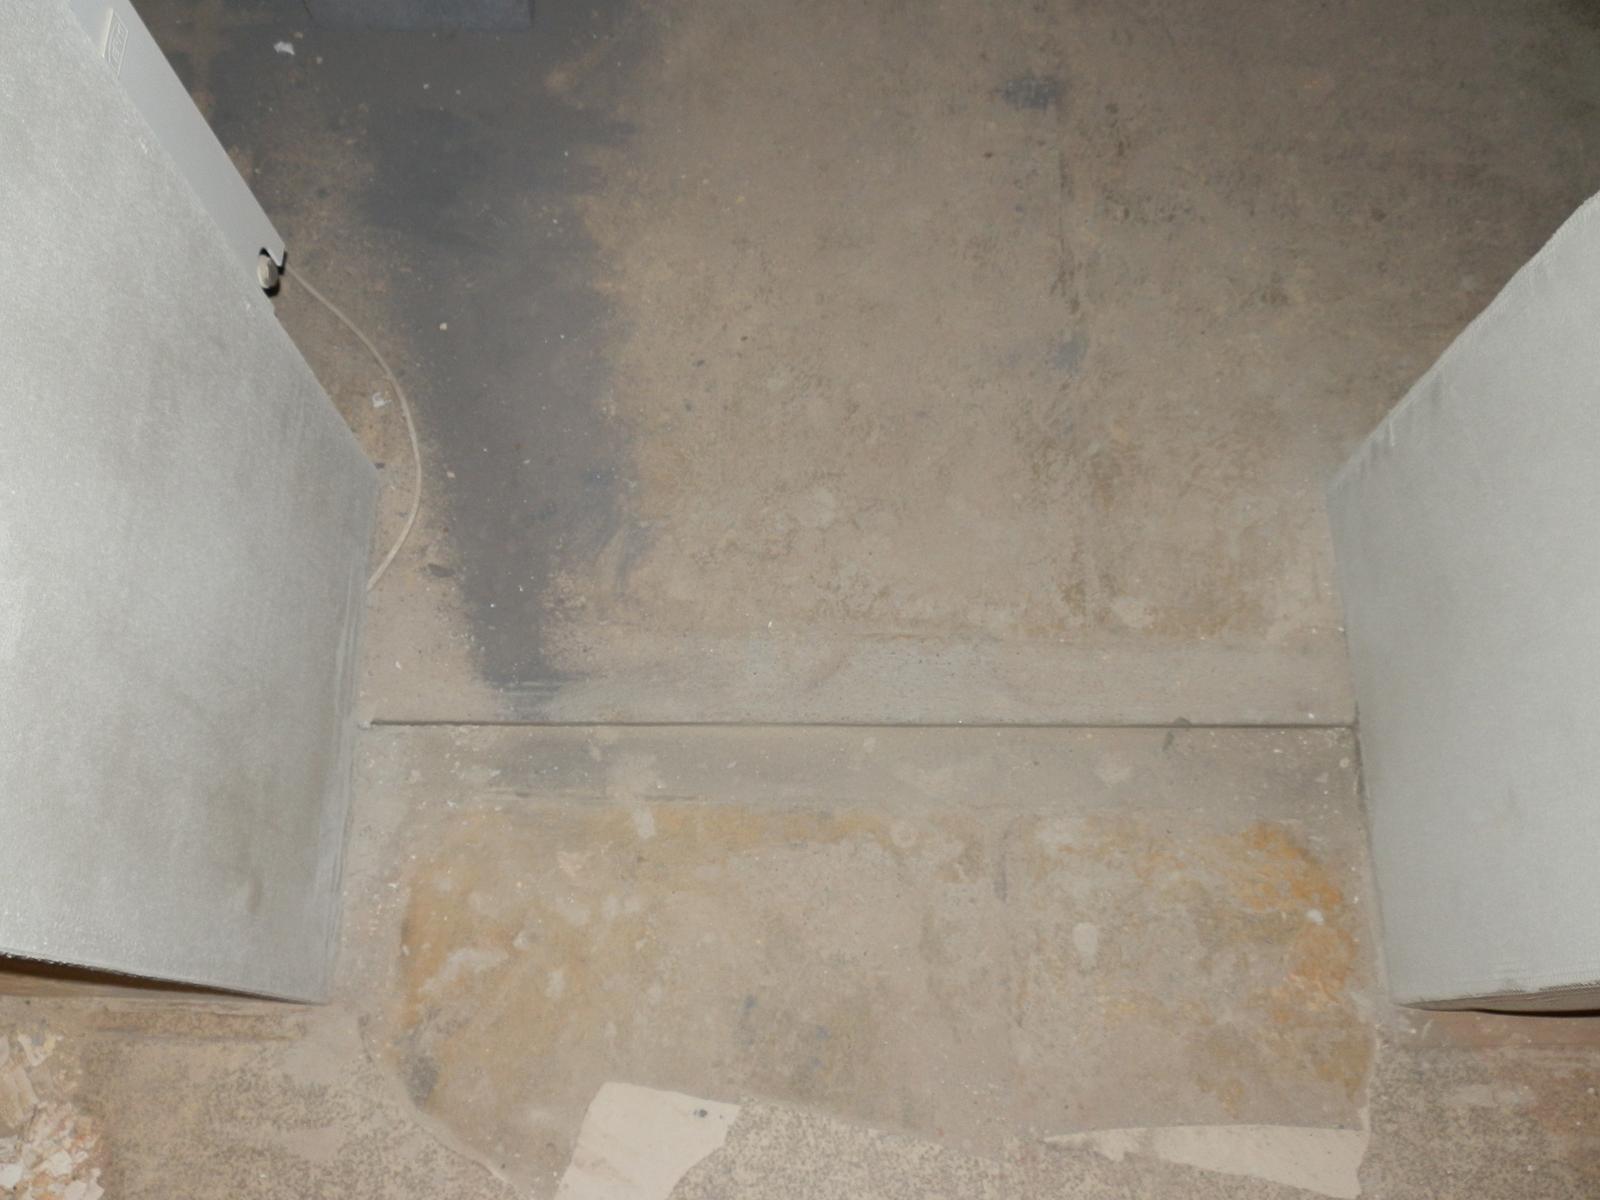 Náš byt v domě- rekonstrukce - Obrázek č. 94